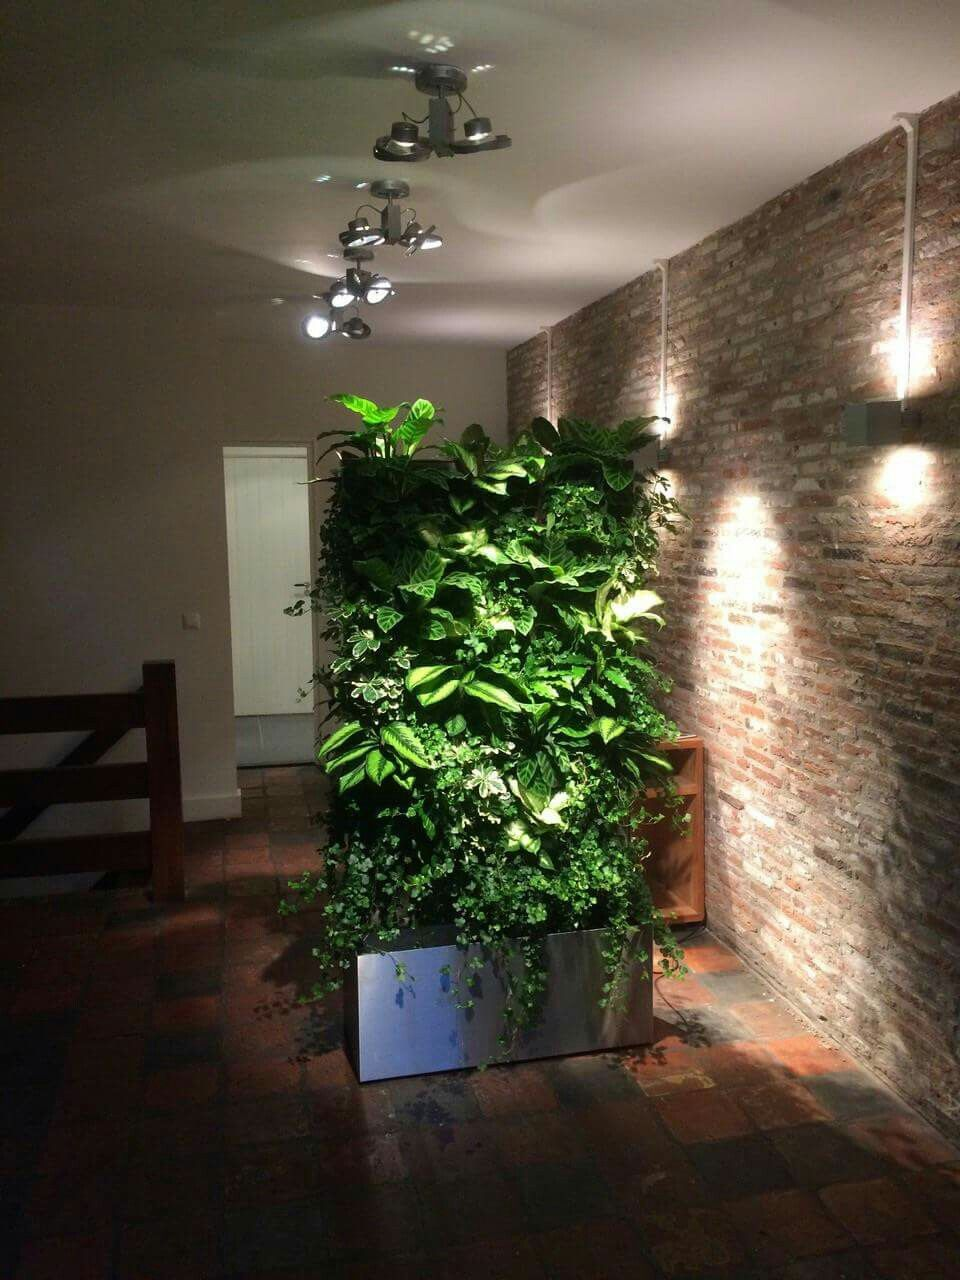 Faszinierend Pflanzen Wand Referenz Von Vertiplant Grünewände Pflanzenwand Www.verti-plant.de